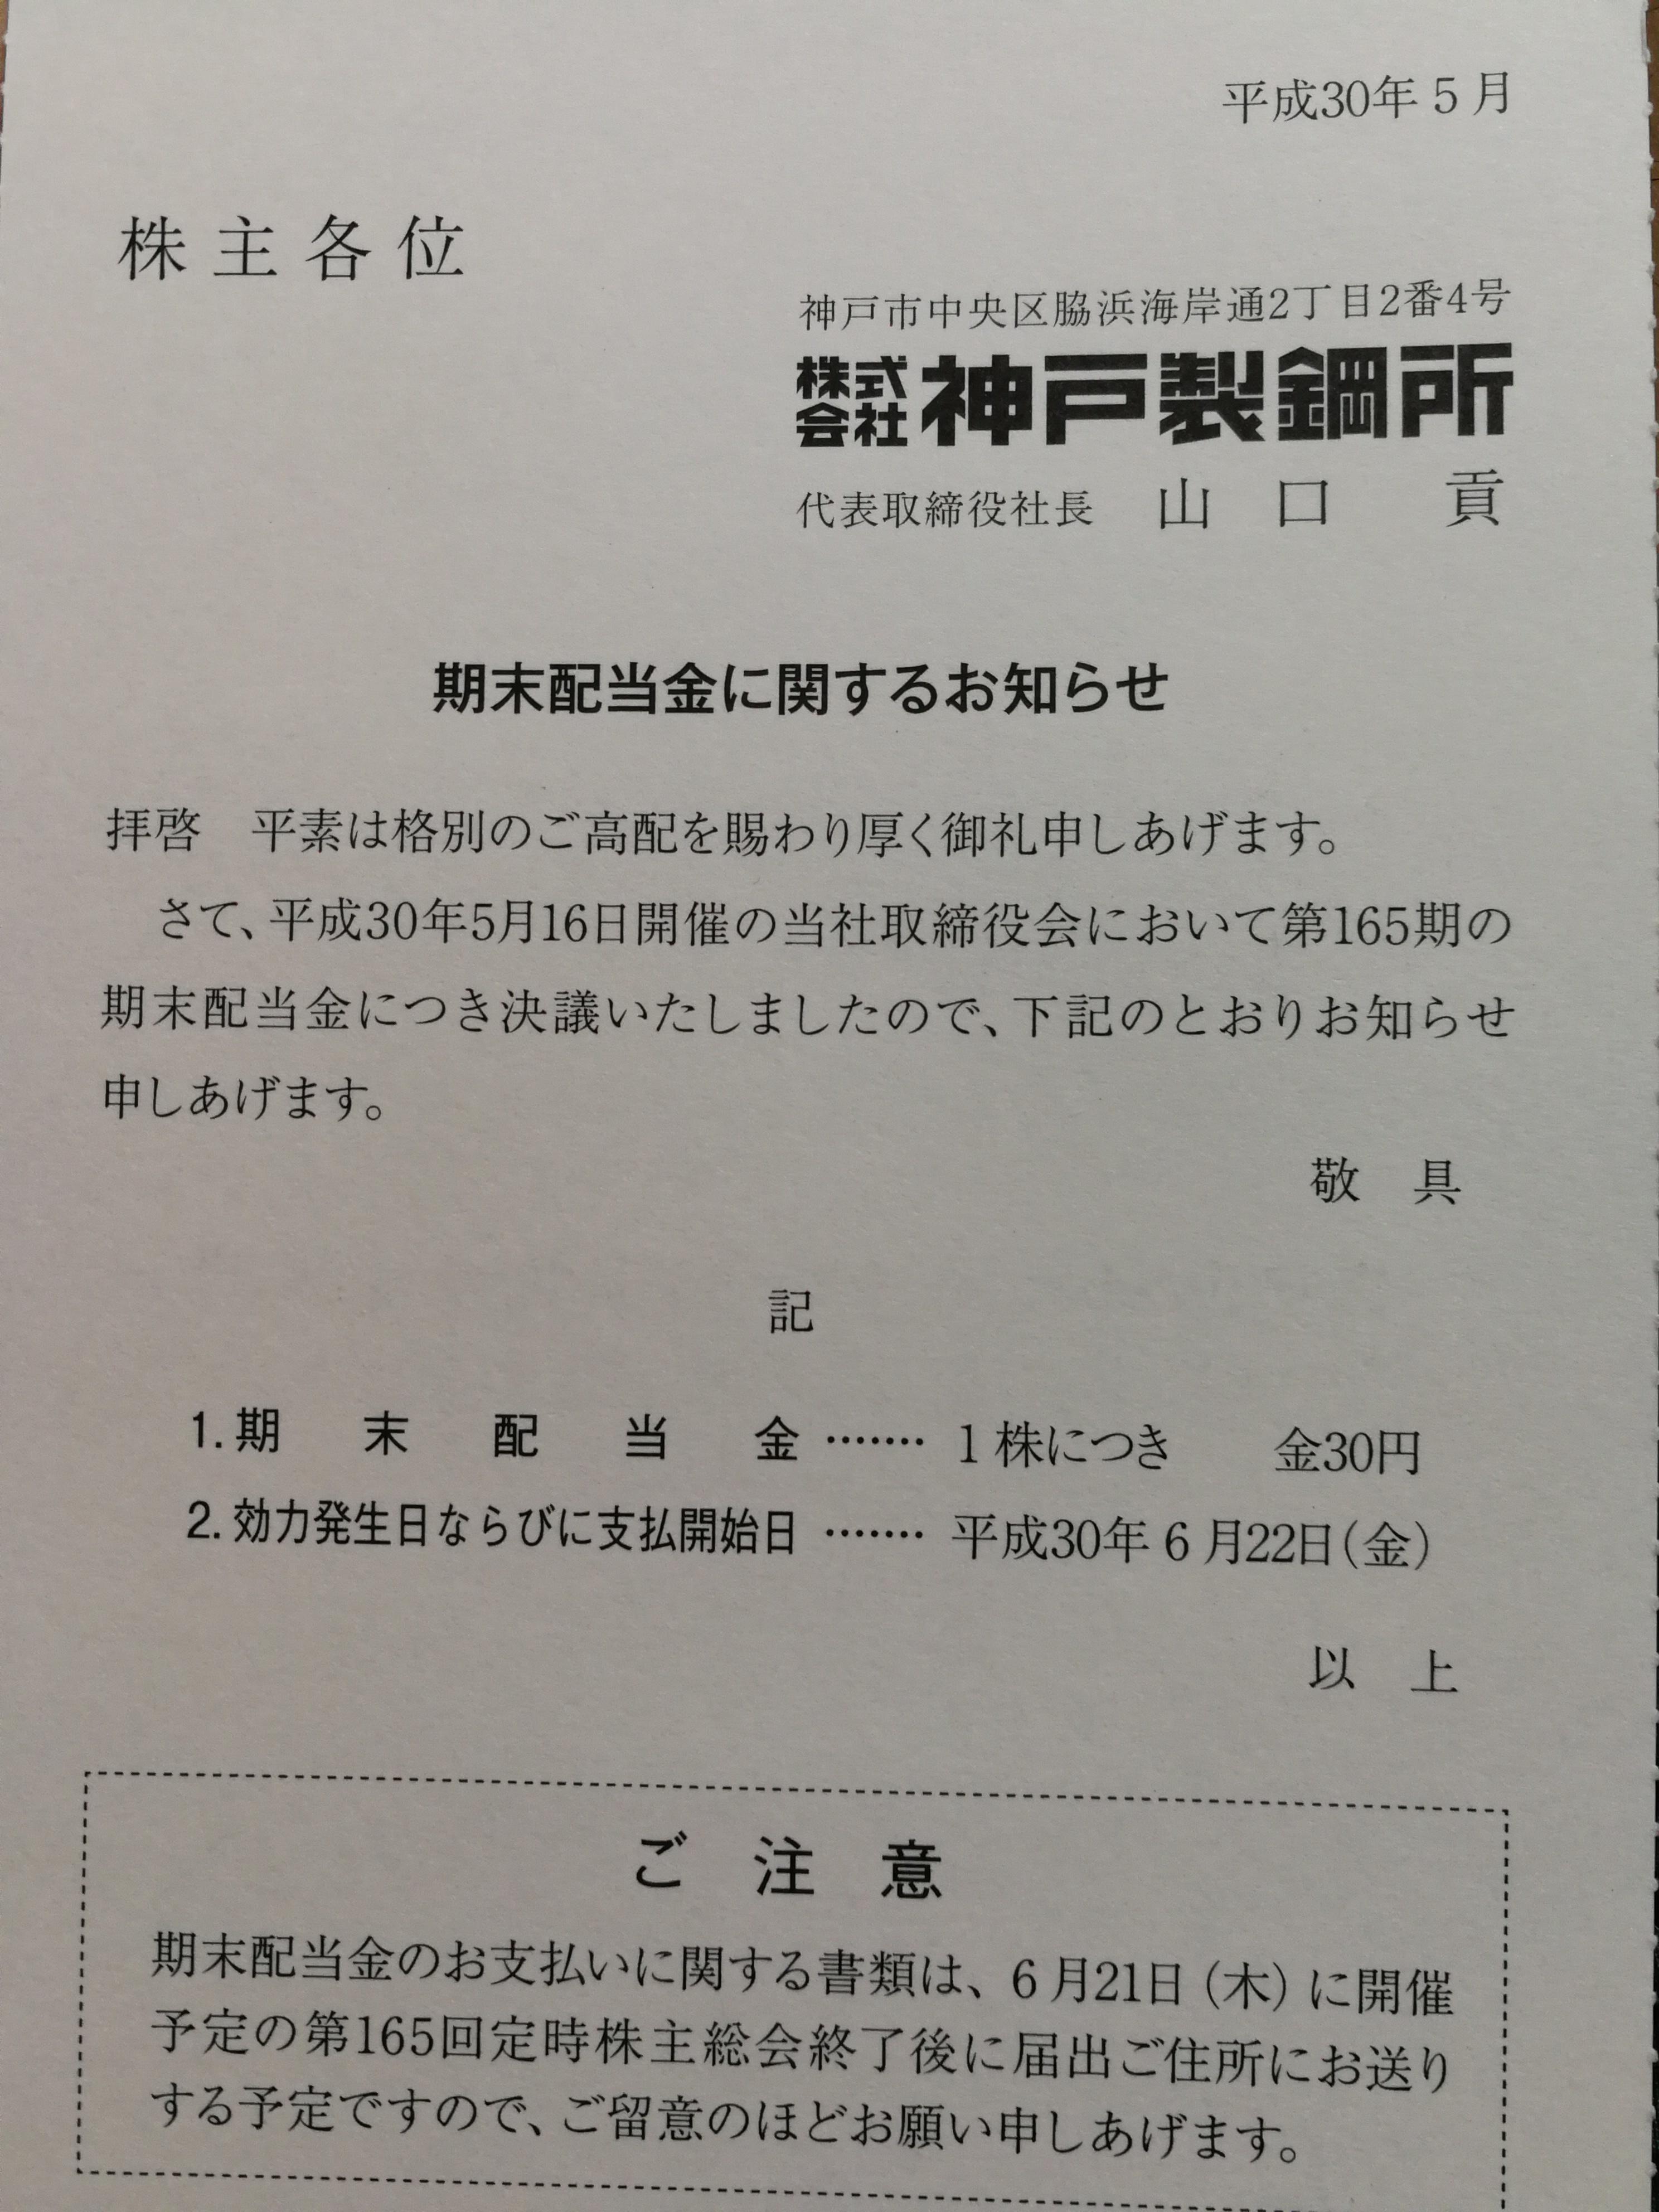 神戸製鋼配当金